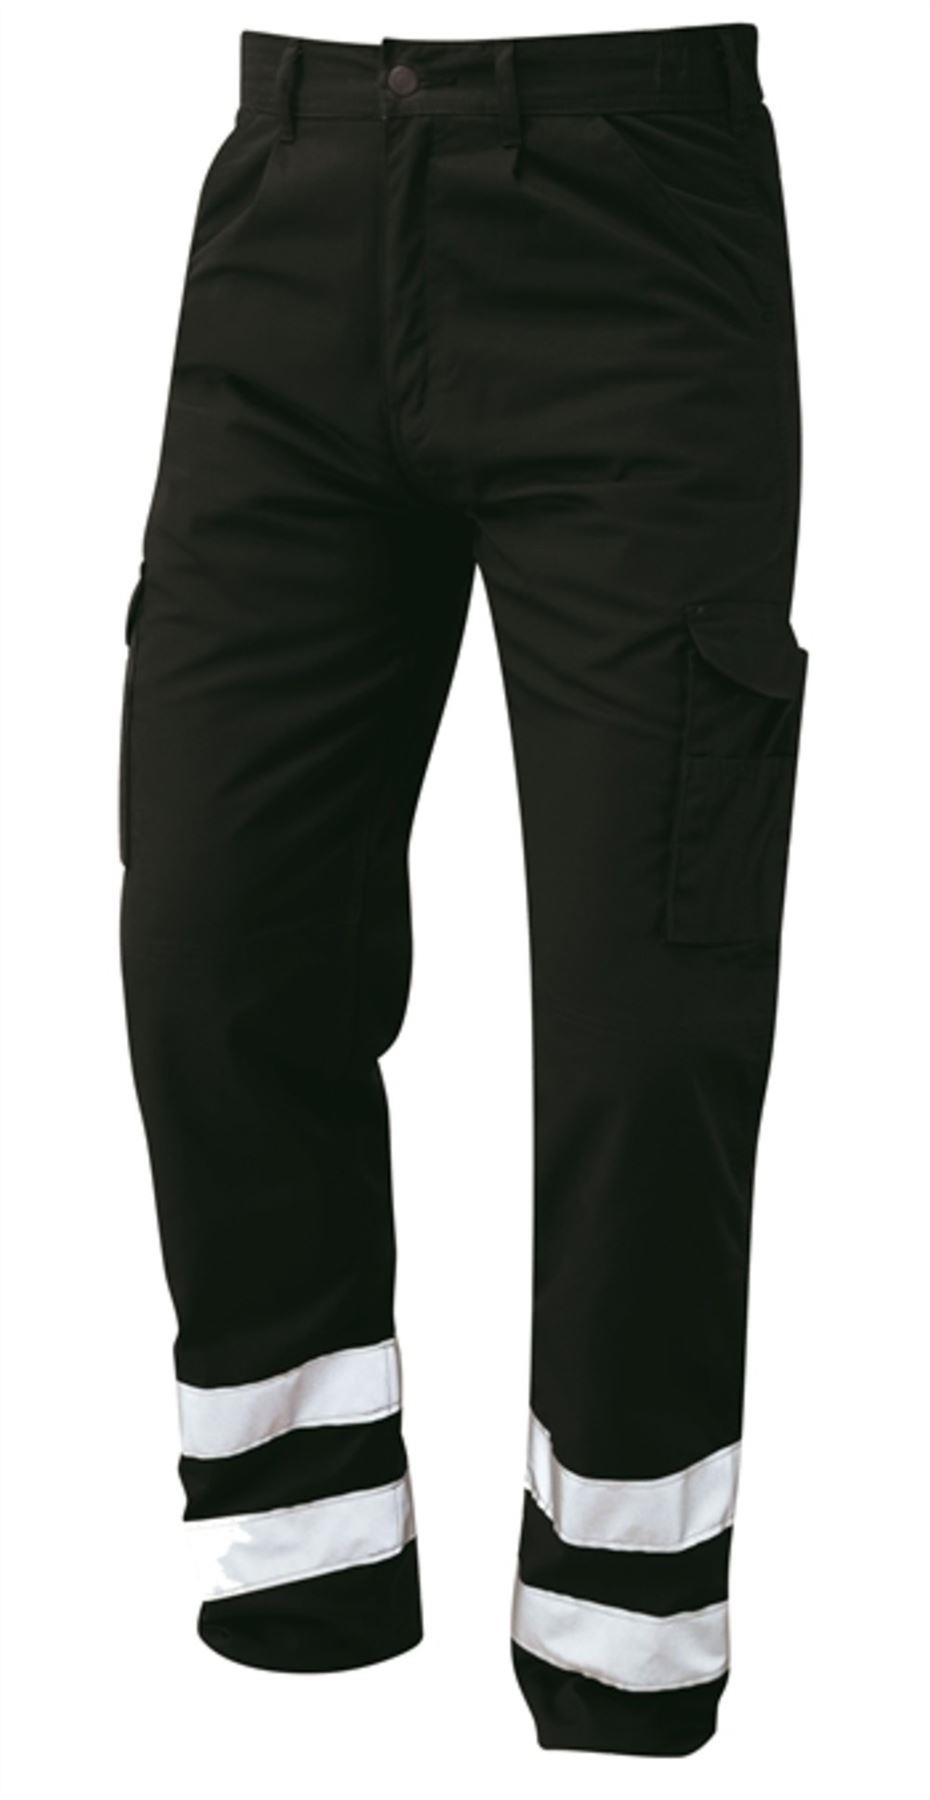 Orn Condor Hi Vis Kneepad Trousers - Black|46W32L